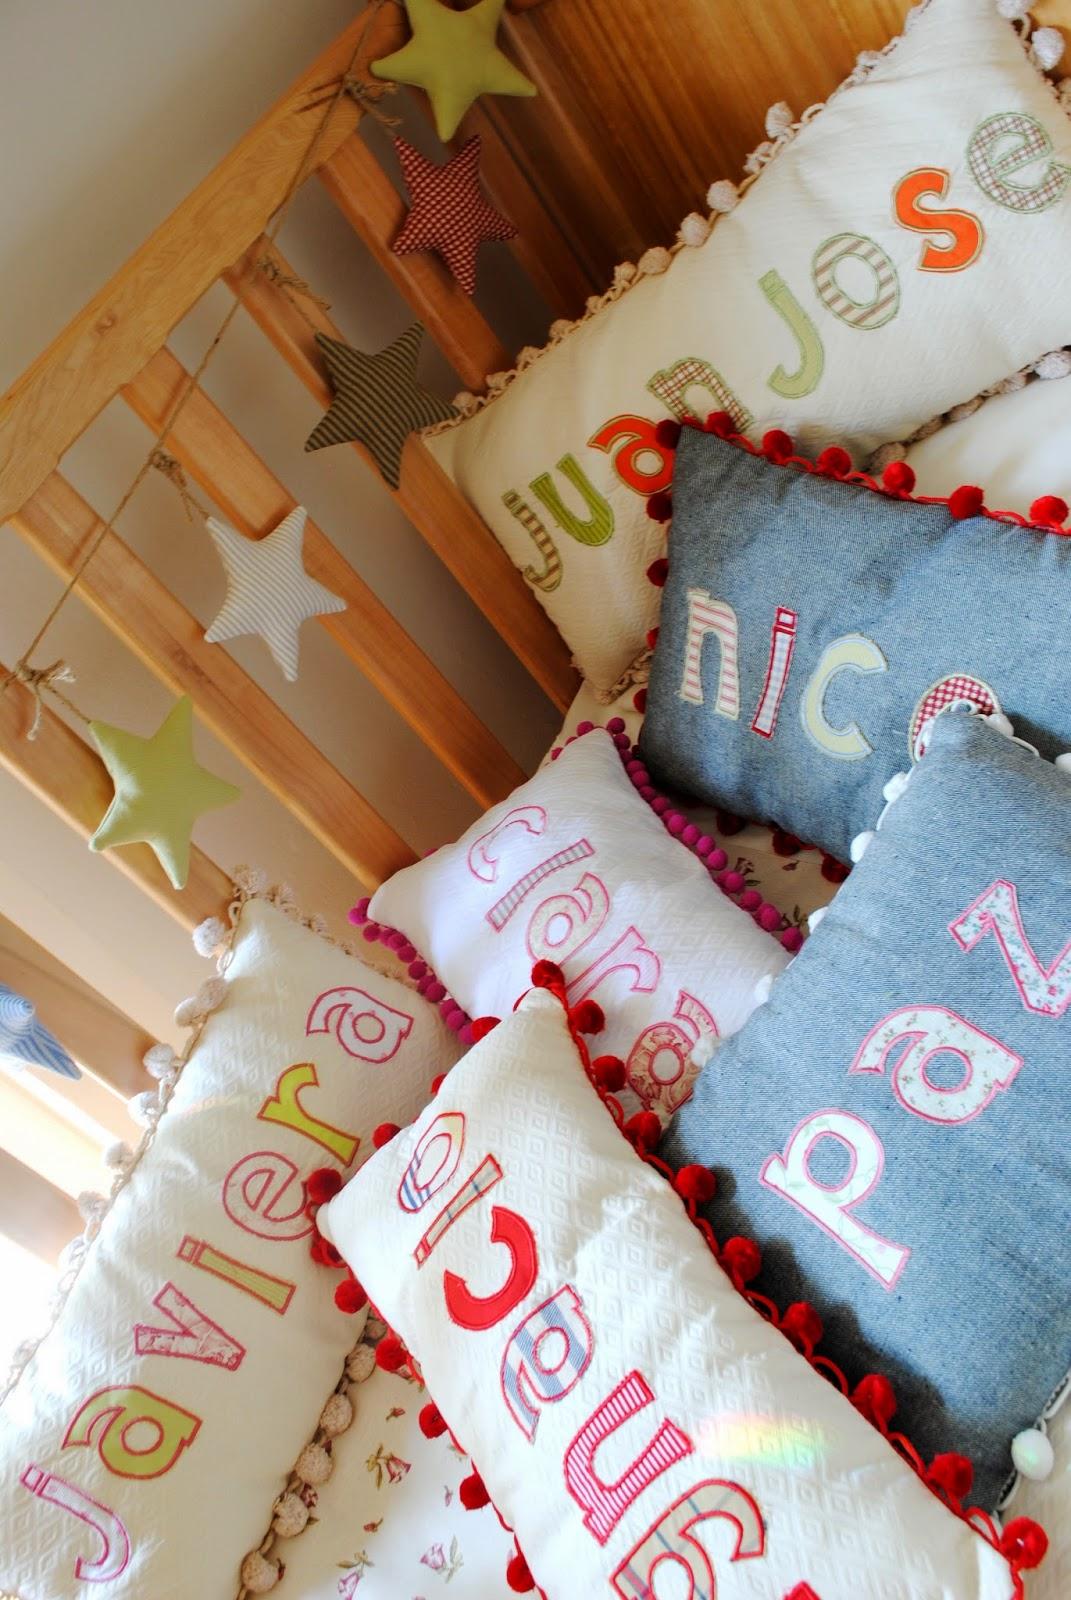 Paz montealegre decoraci n cojines con nombre for Cojines con nombres bordados